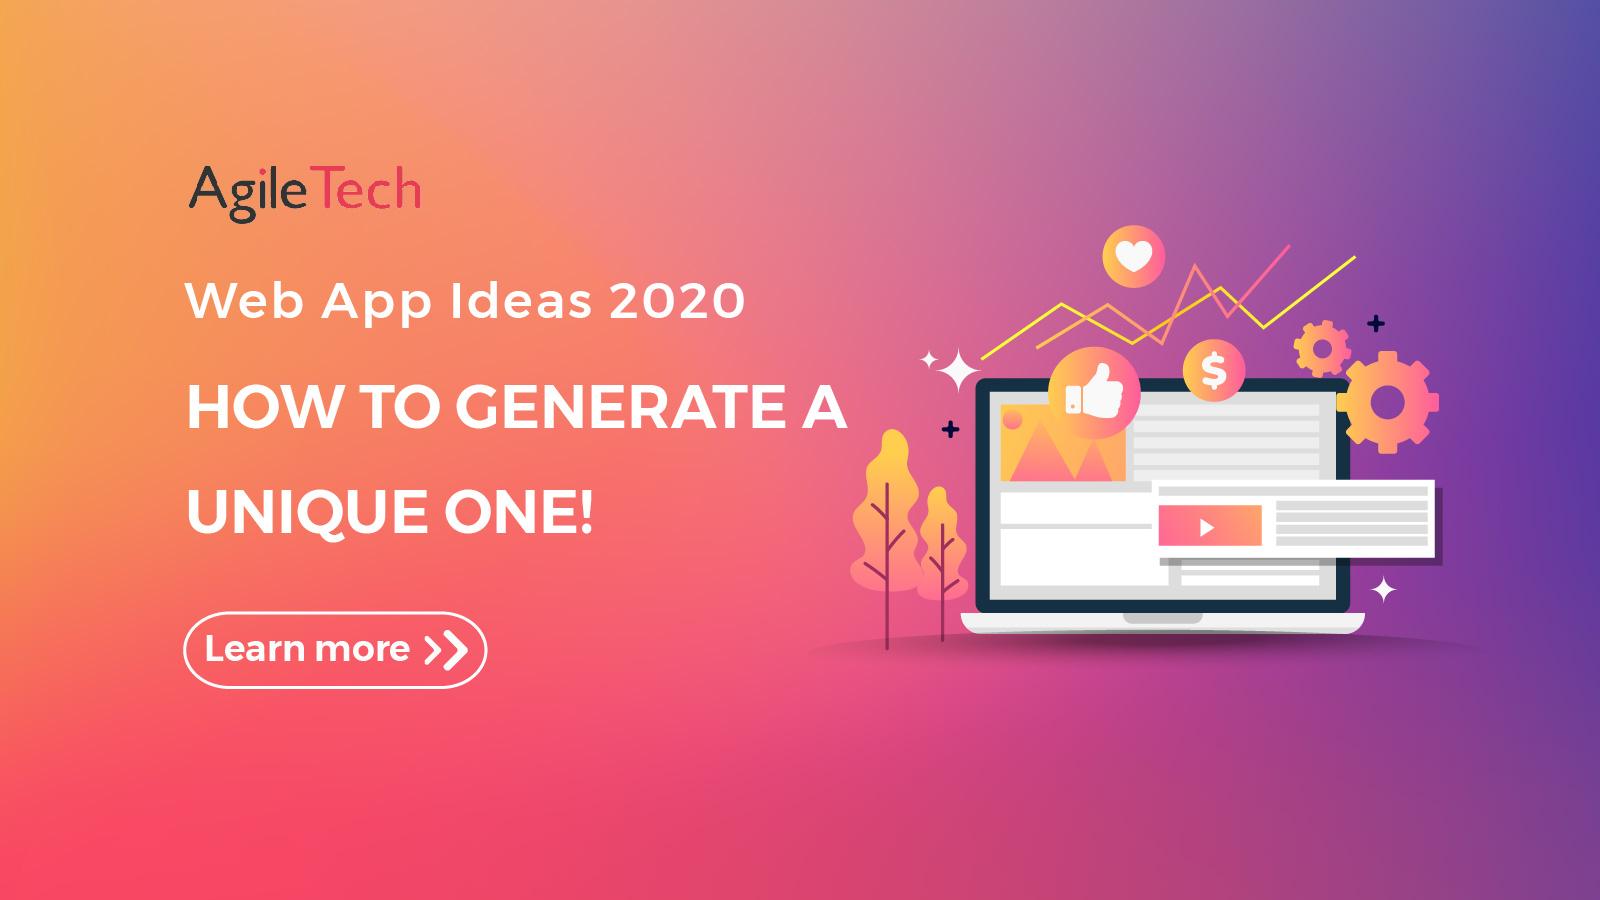 generate app ideas 2020 agiletech